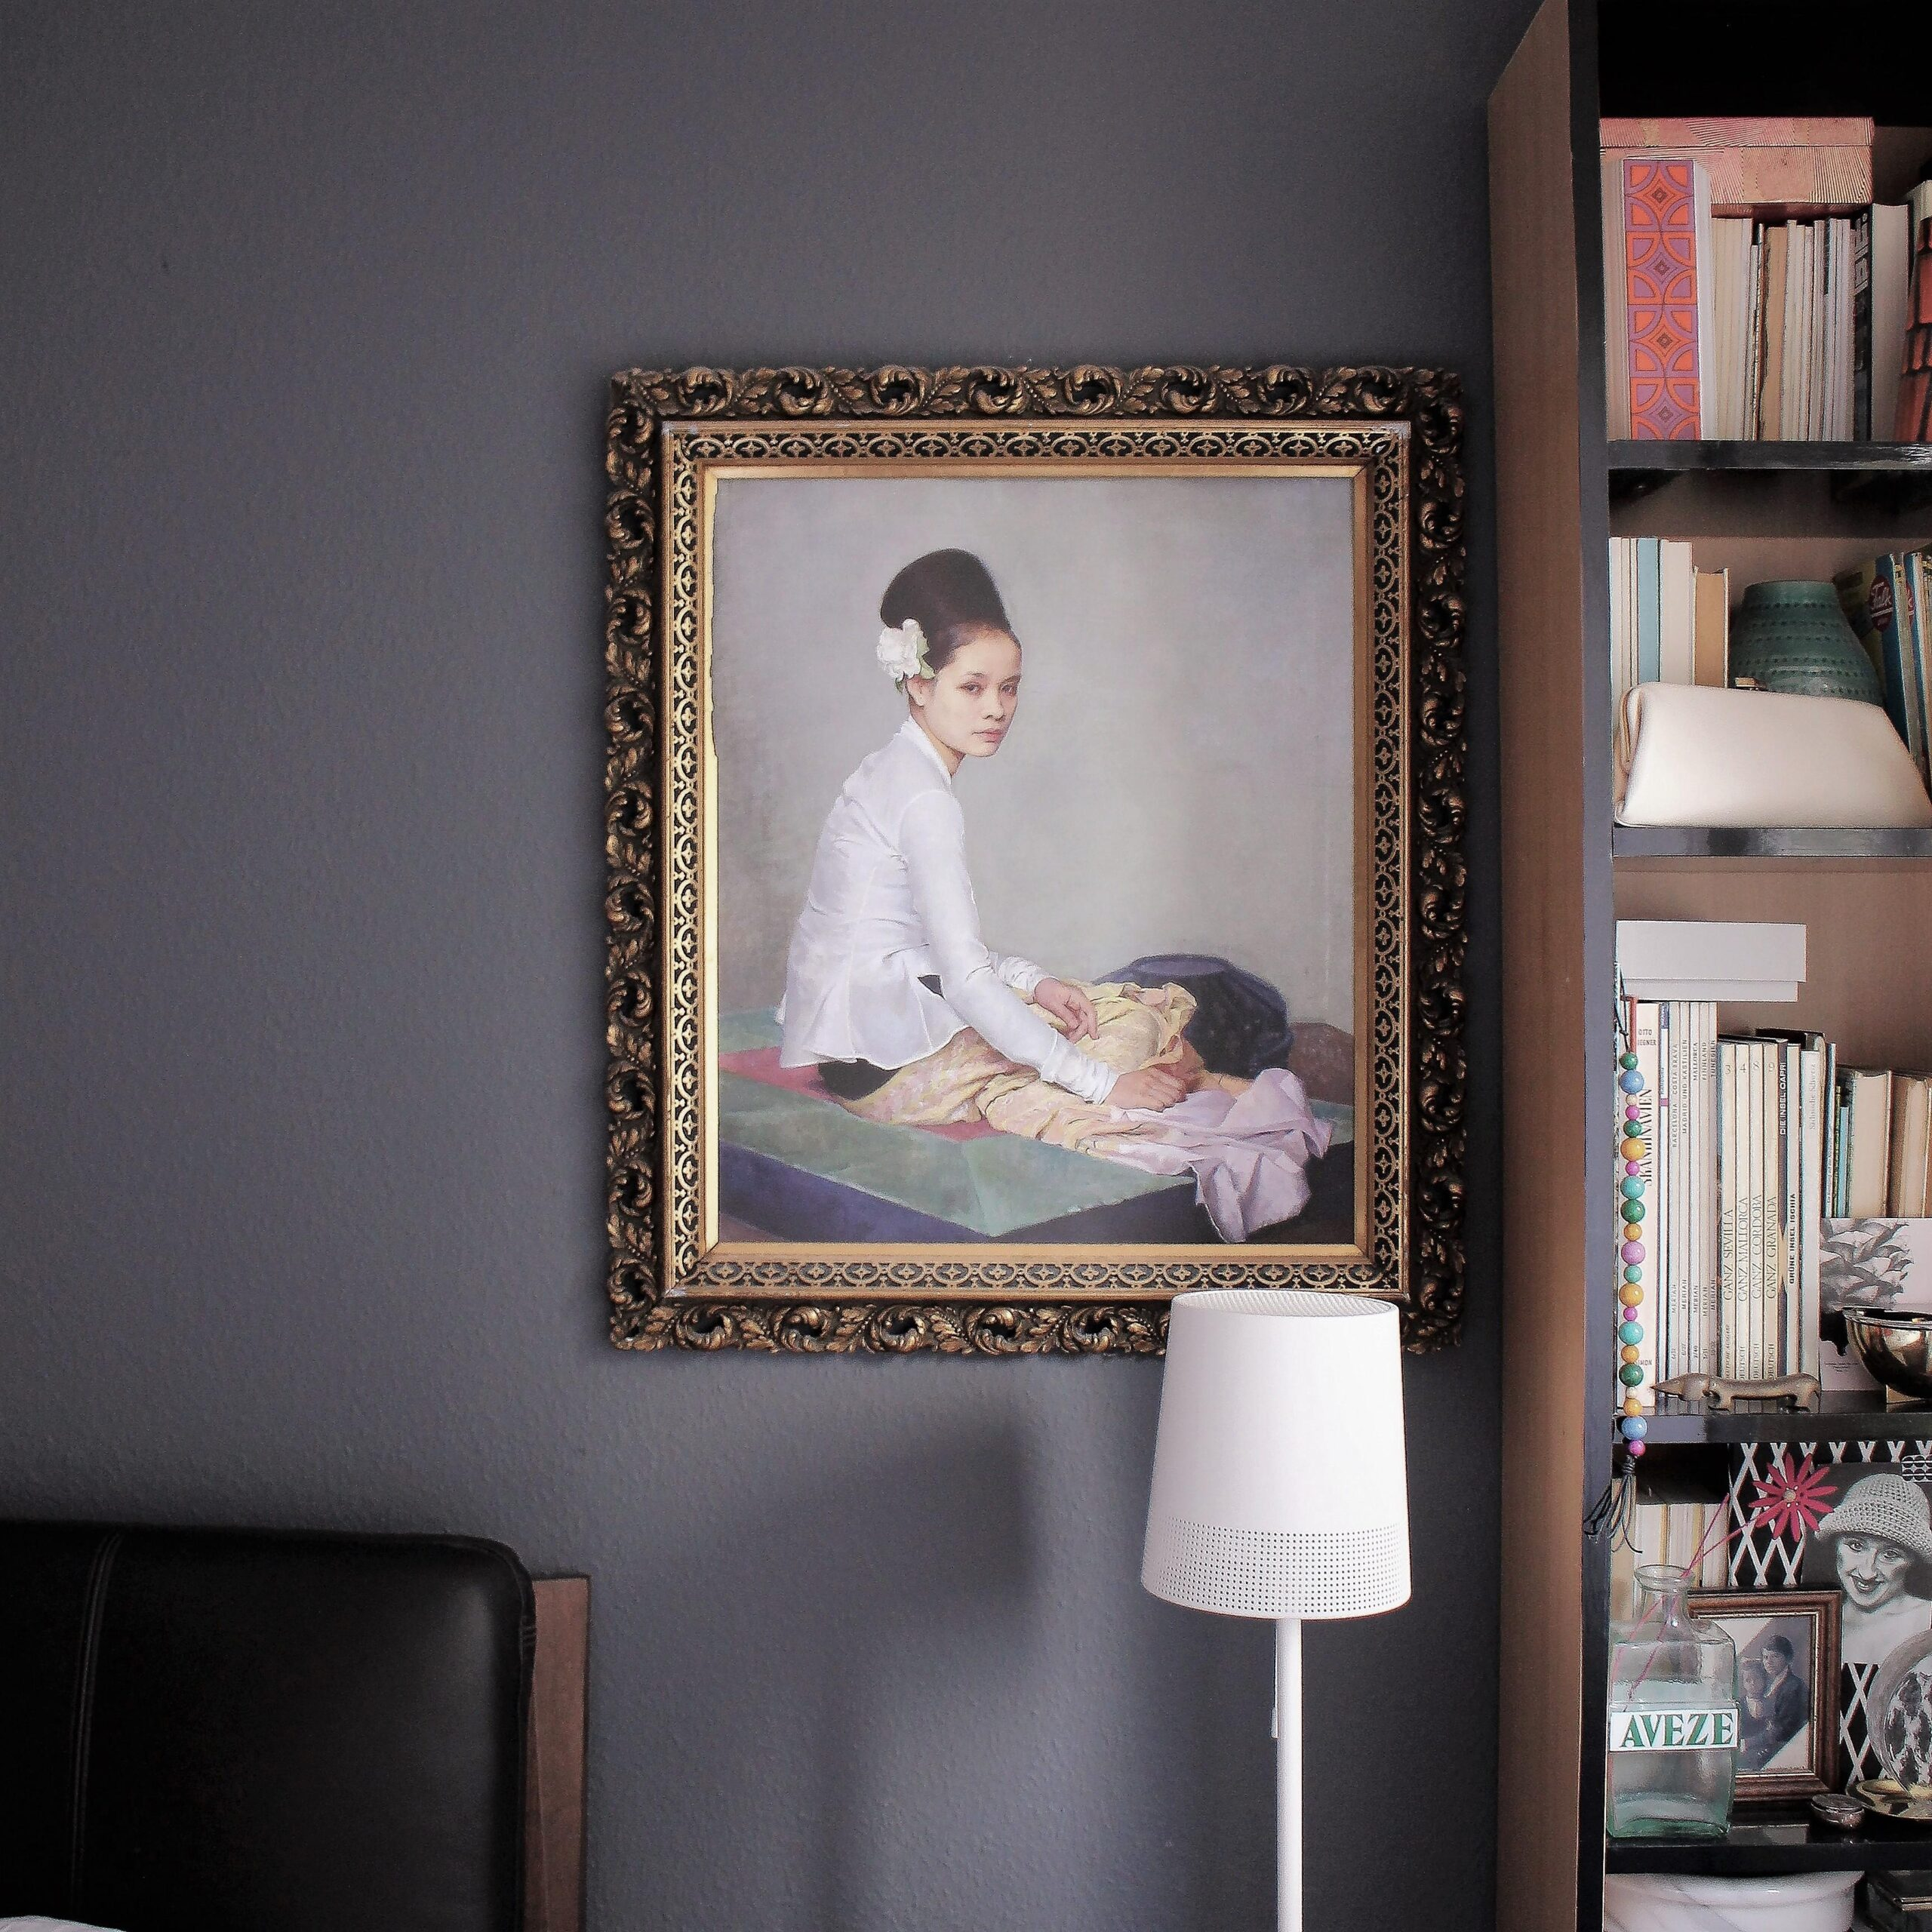 Full Size of Wanddekoration Schlafzimmer Holz Ideen Wanddeko Amazon Selber Machen Modern Metall Diy Deko So Machst Du Es Dir Gemtlich Lampen Komplett Weiß Schranksysteme Wohnzimmer Wanddeko Schlafzimmer